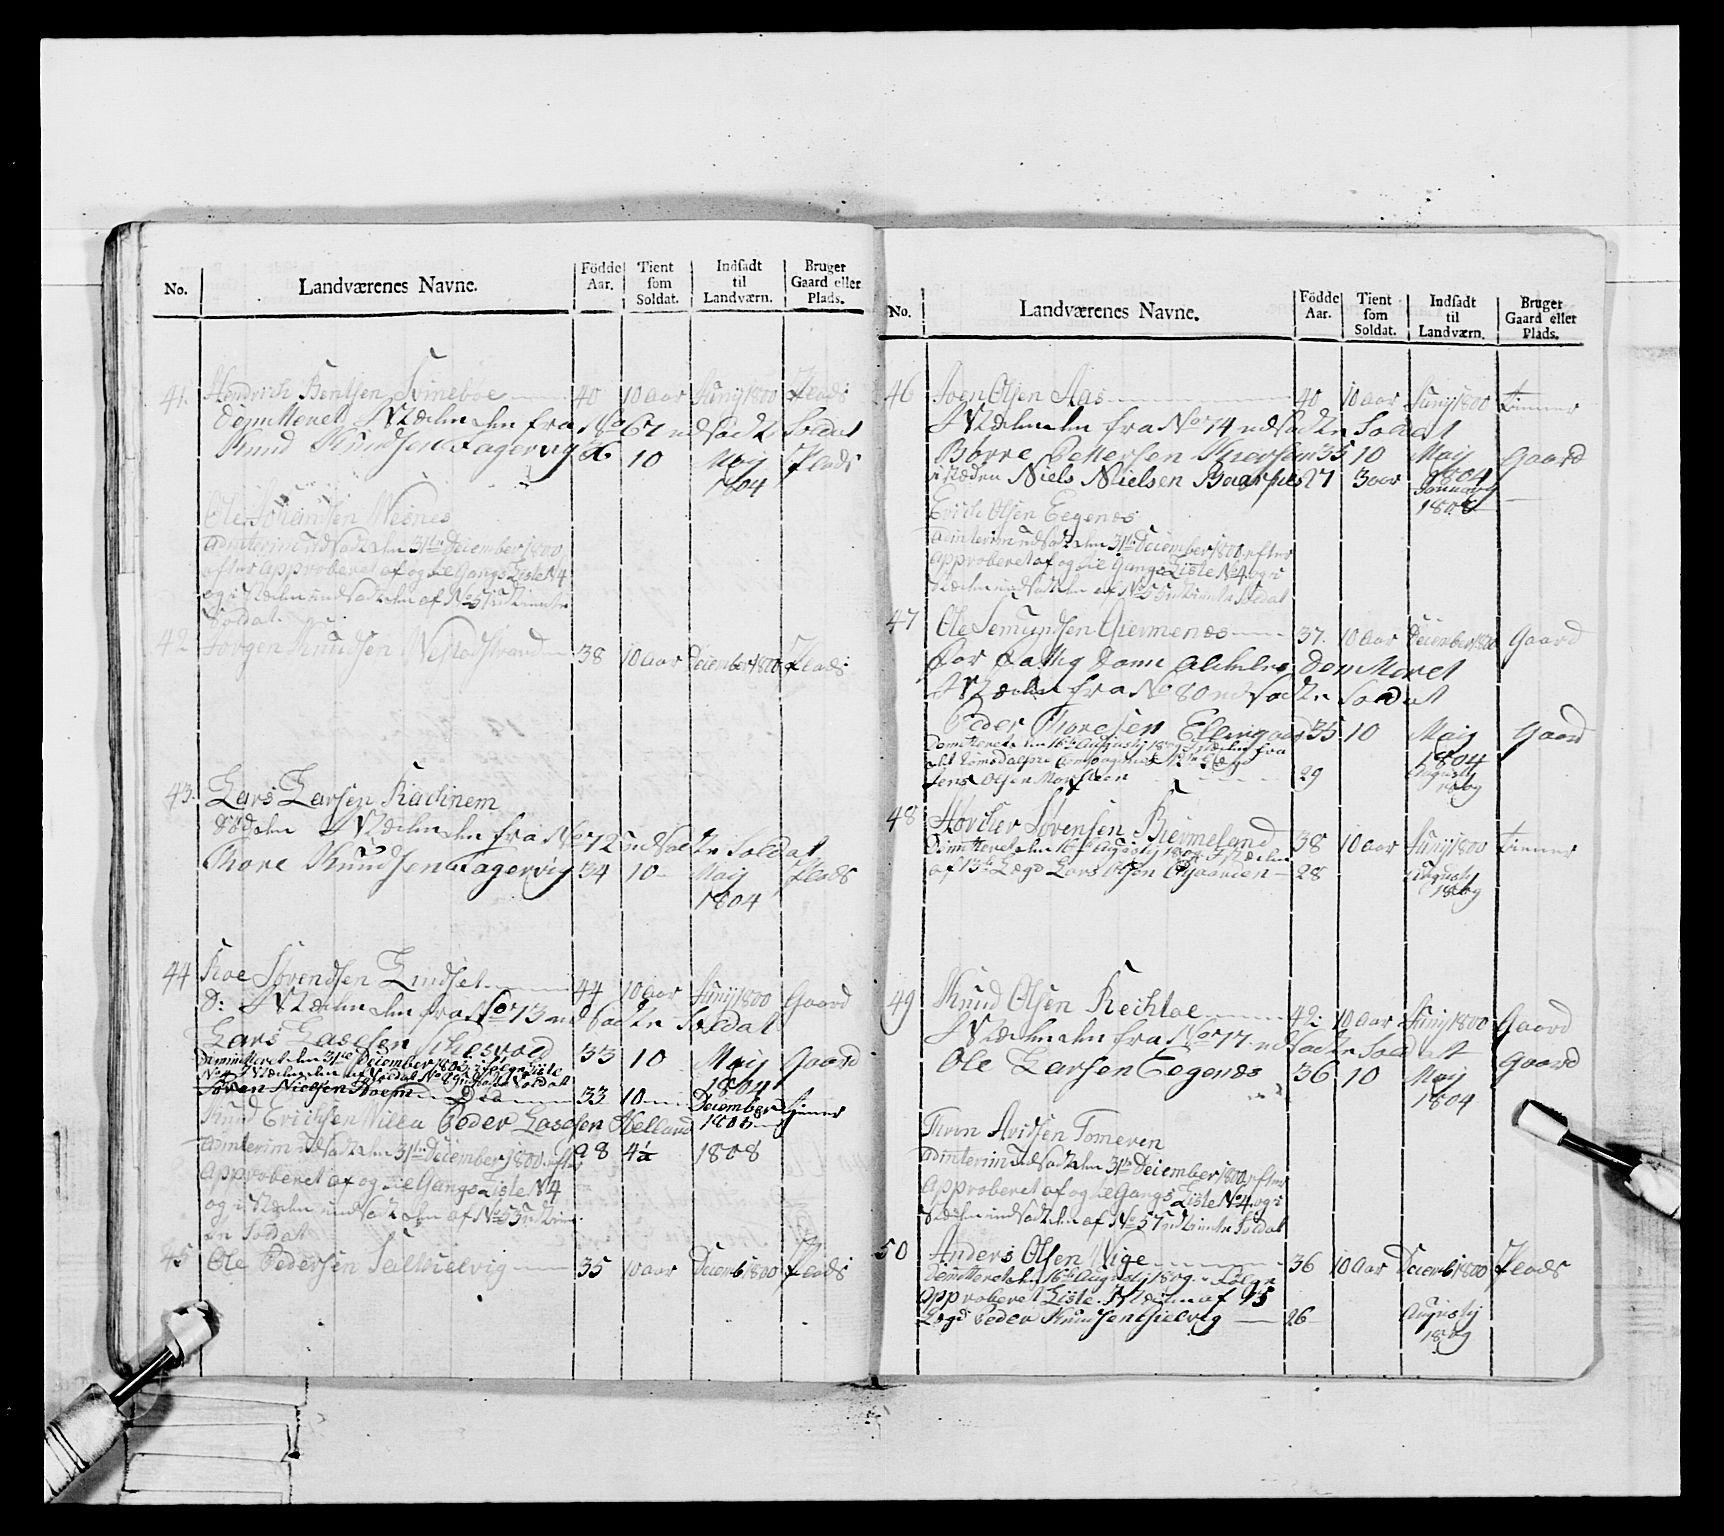 RA, Generalitets- og kommissariatskollegiet, Det kongelige norske kommissariatskollegium, E/Eh/L0082: 2. Trondheimske nasjonale infanteriregiment, 1804, s. 270